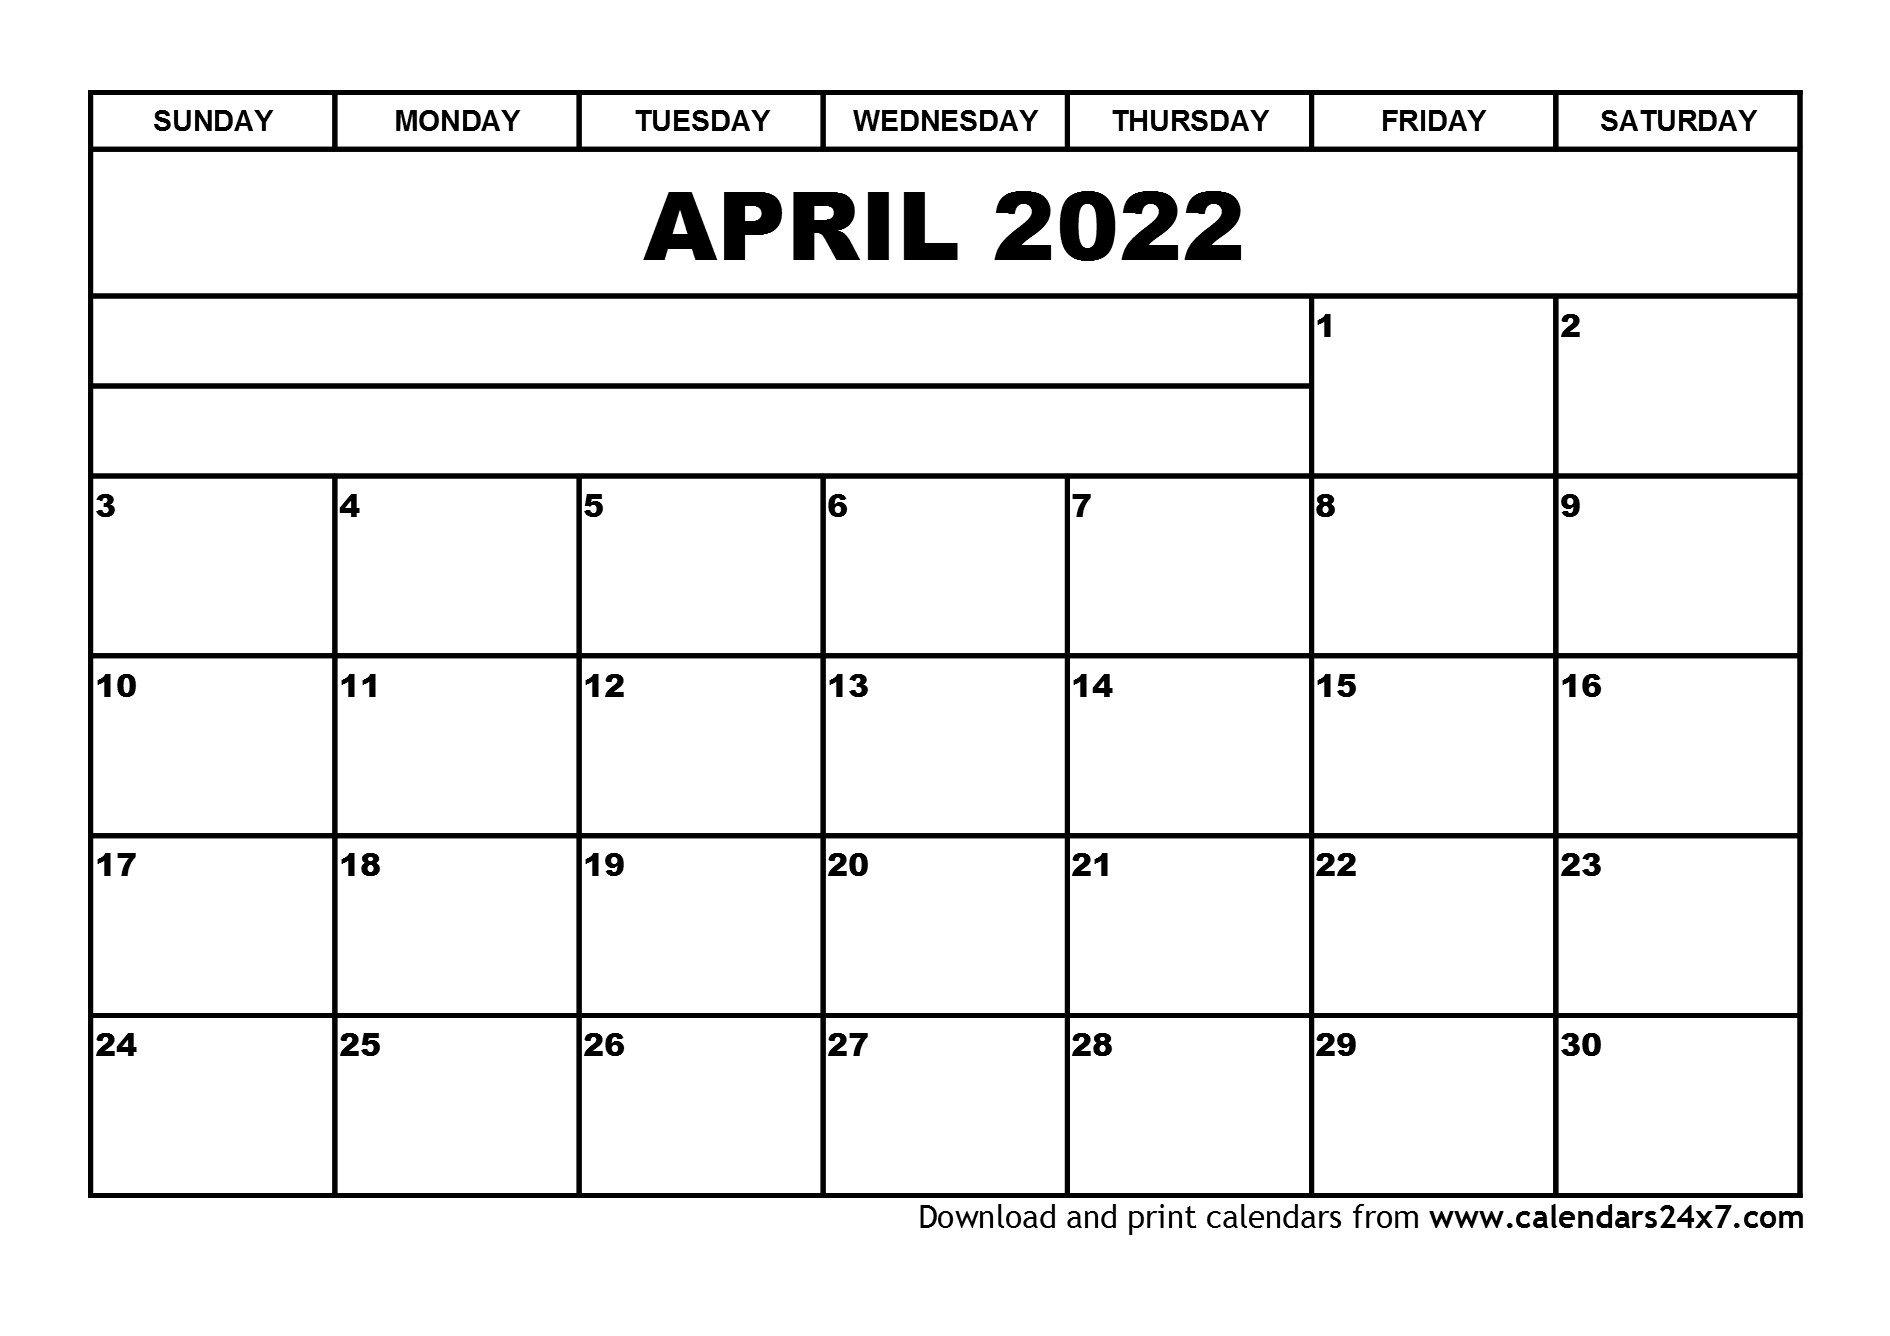 April 2022 Calendar & May 2022 Calendar throughout April 2022 Calendar Printable Images Photo